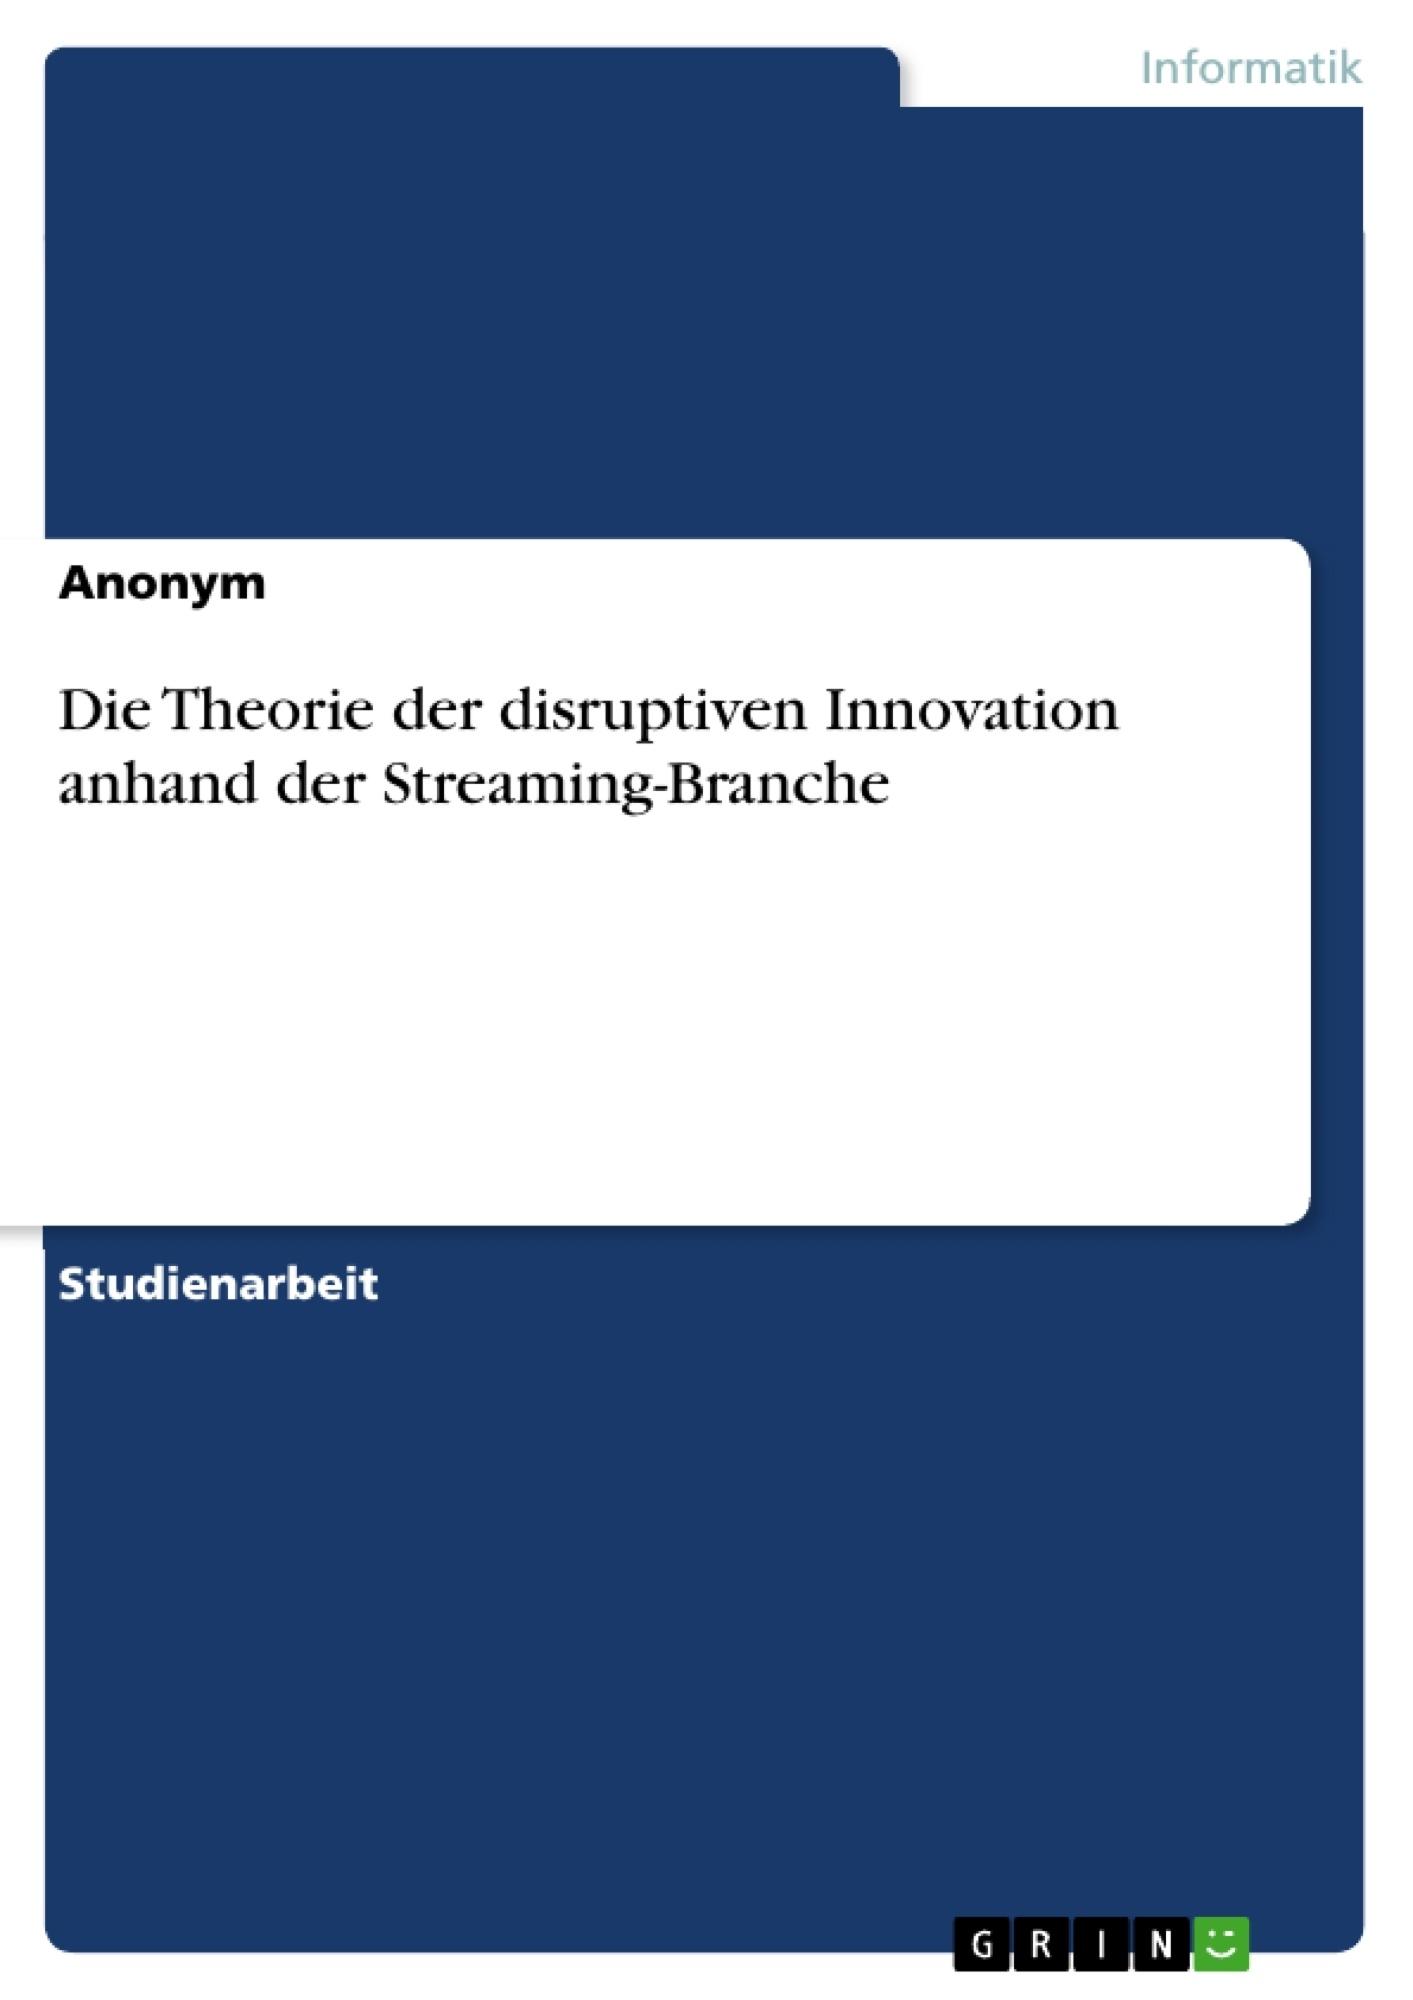 Titel: Die Theorie der disruptiven Innovation anhand der Streaming-Branche